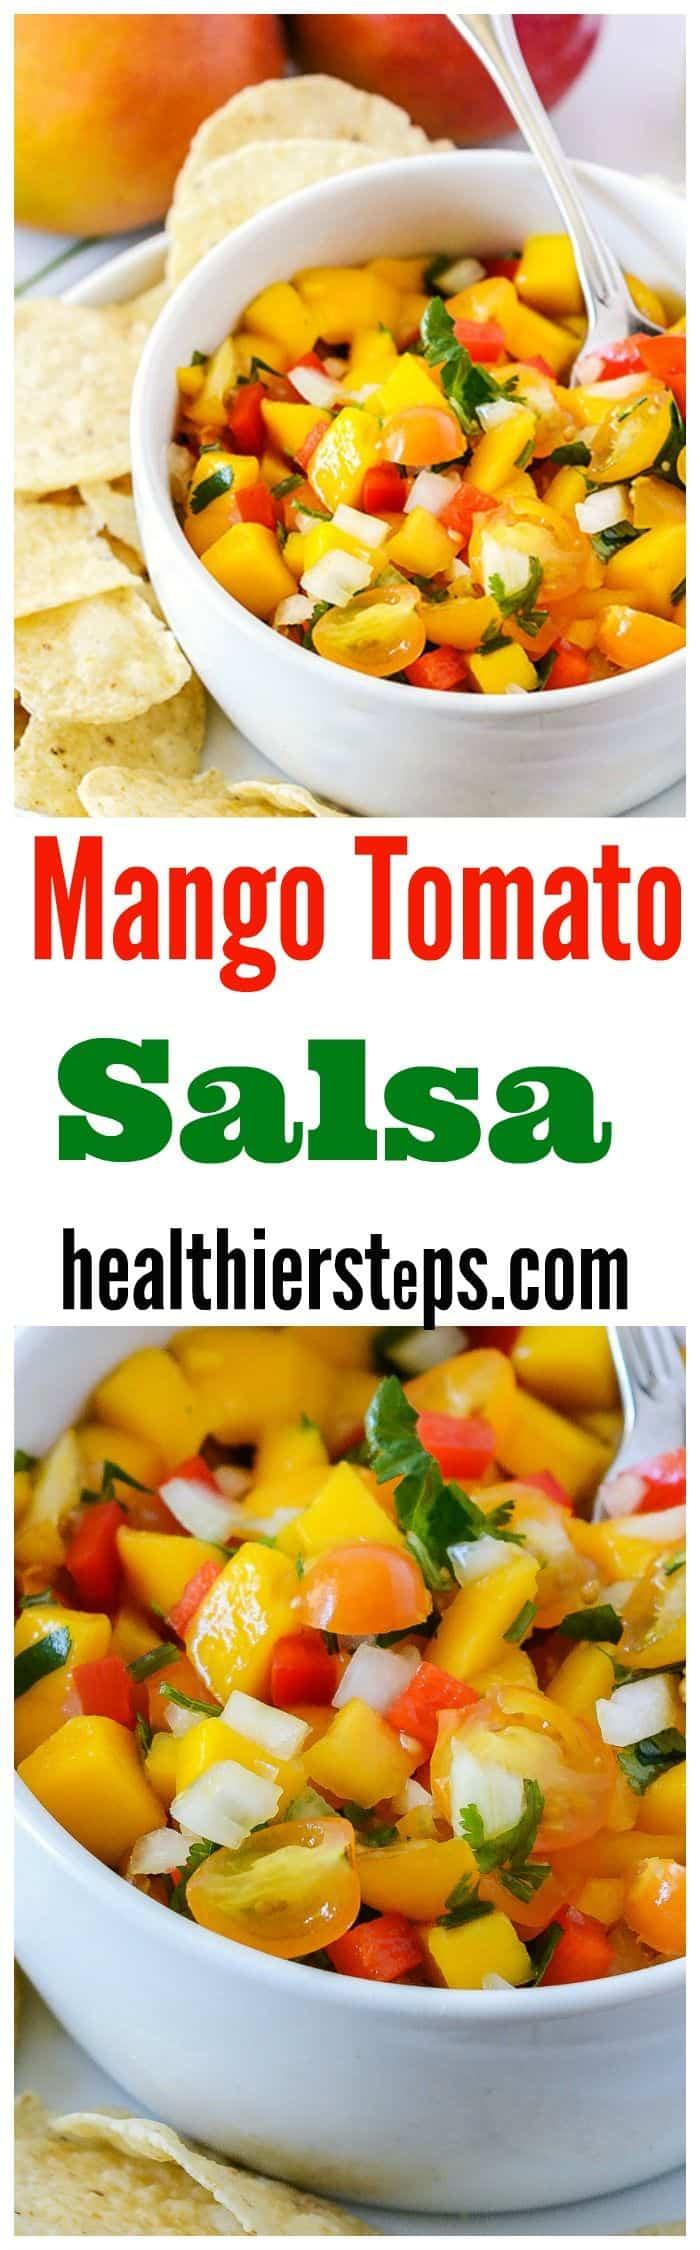 Mango Tomato Salsa